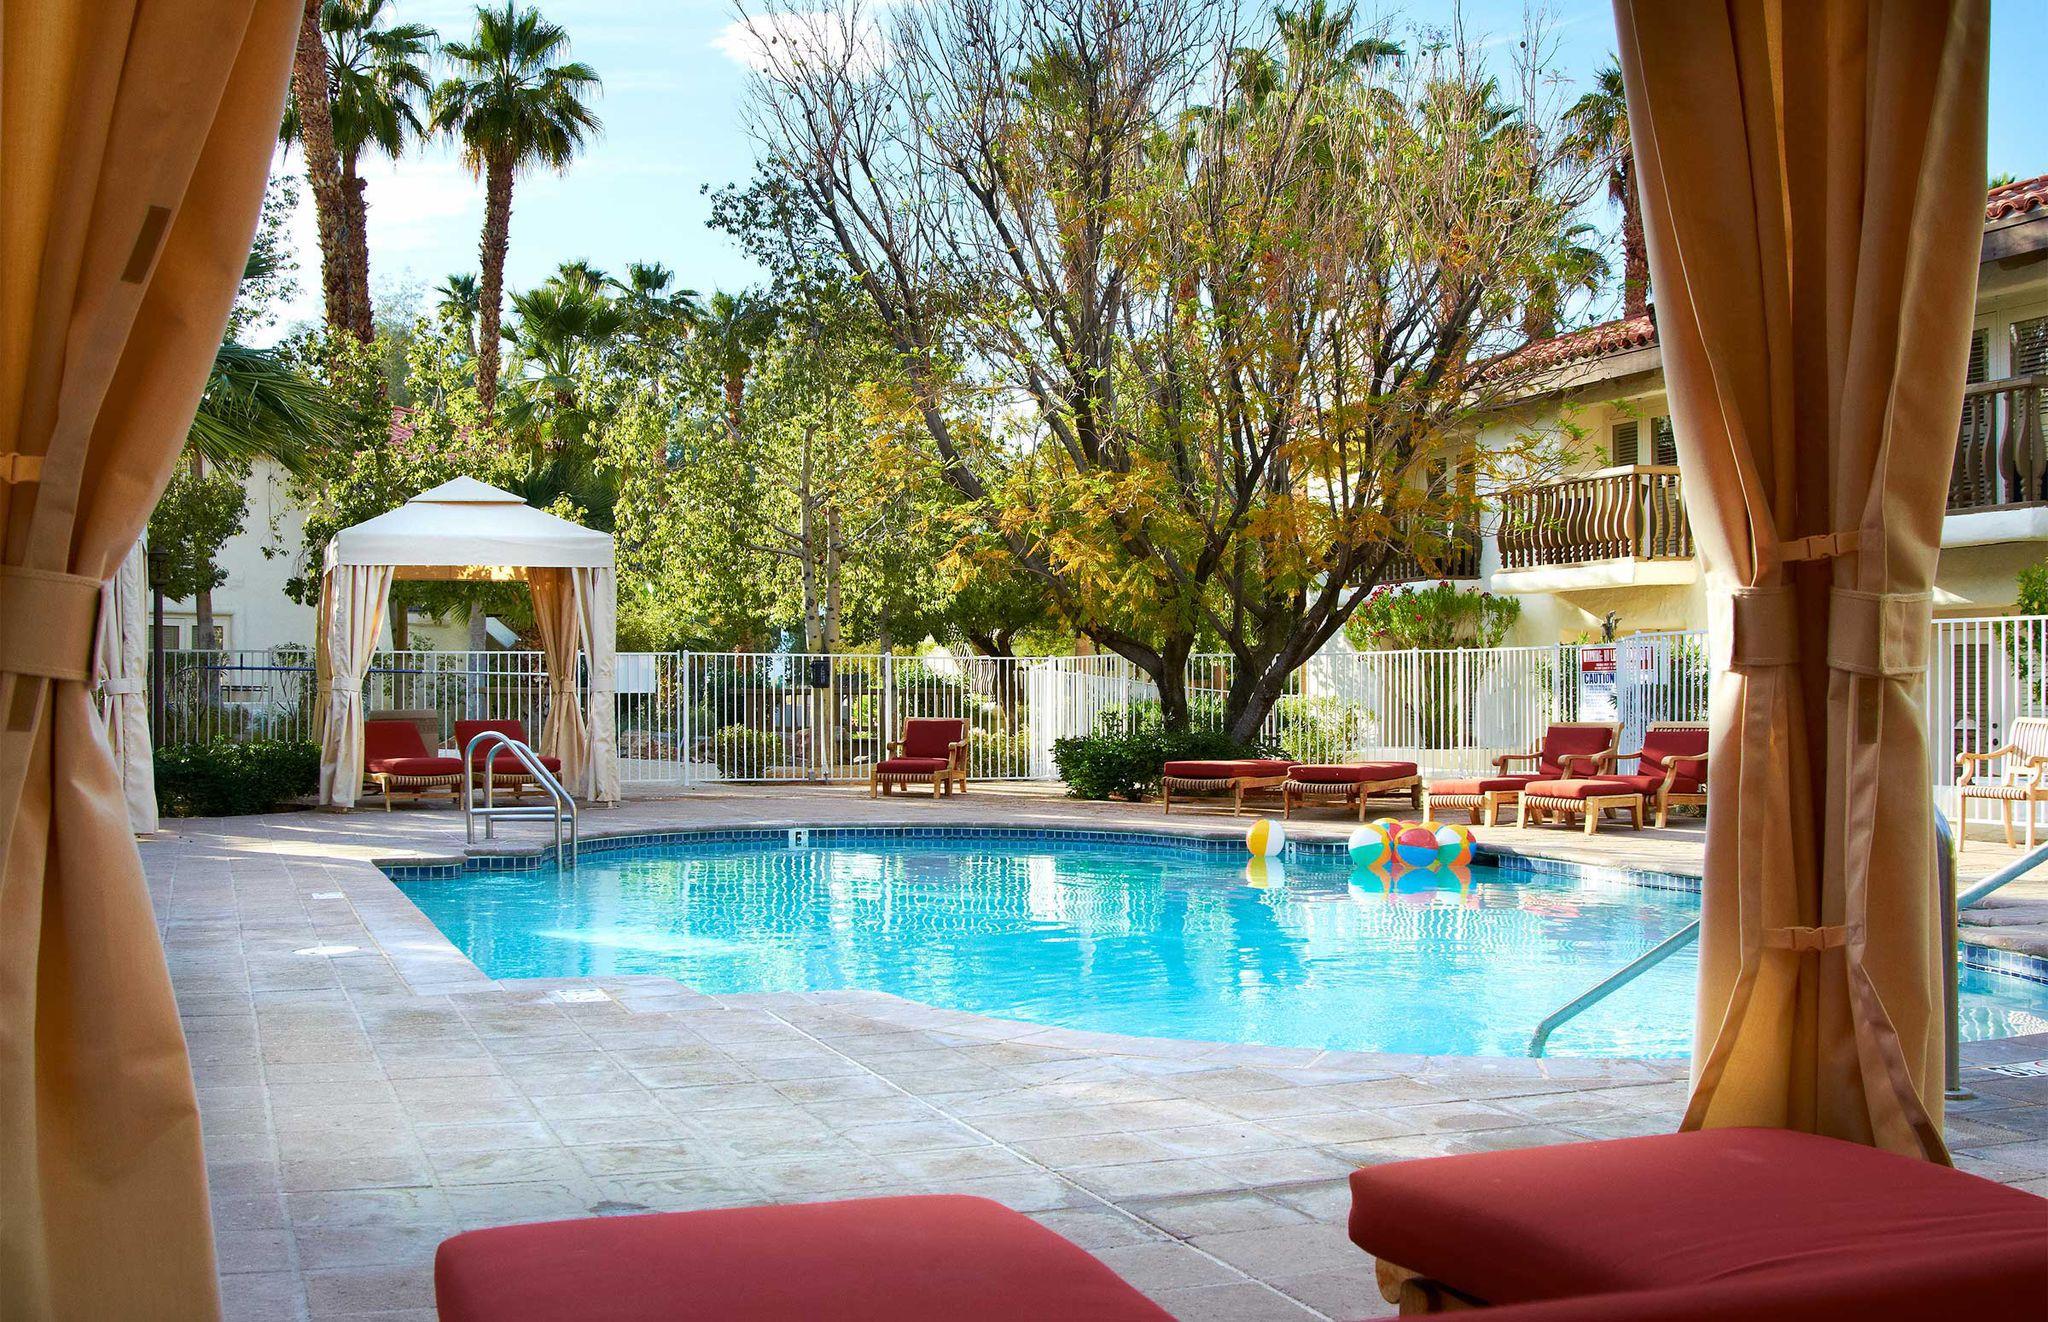 La Casa del Zorro Resort and Spa